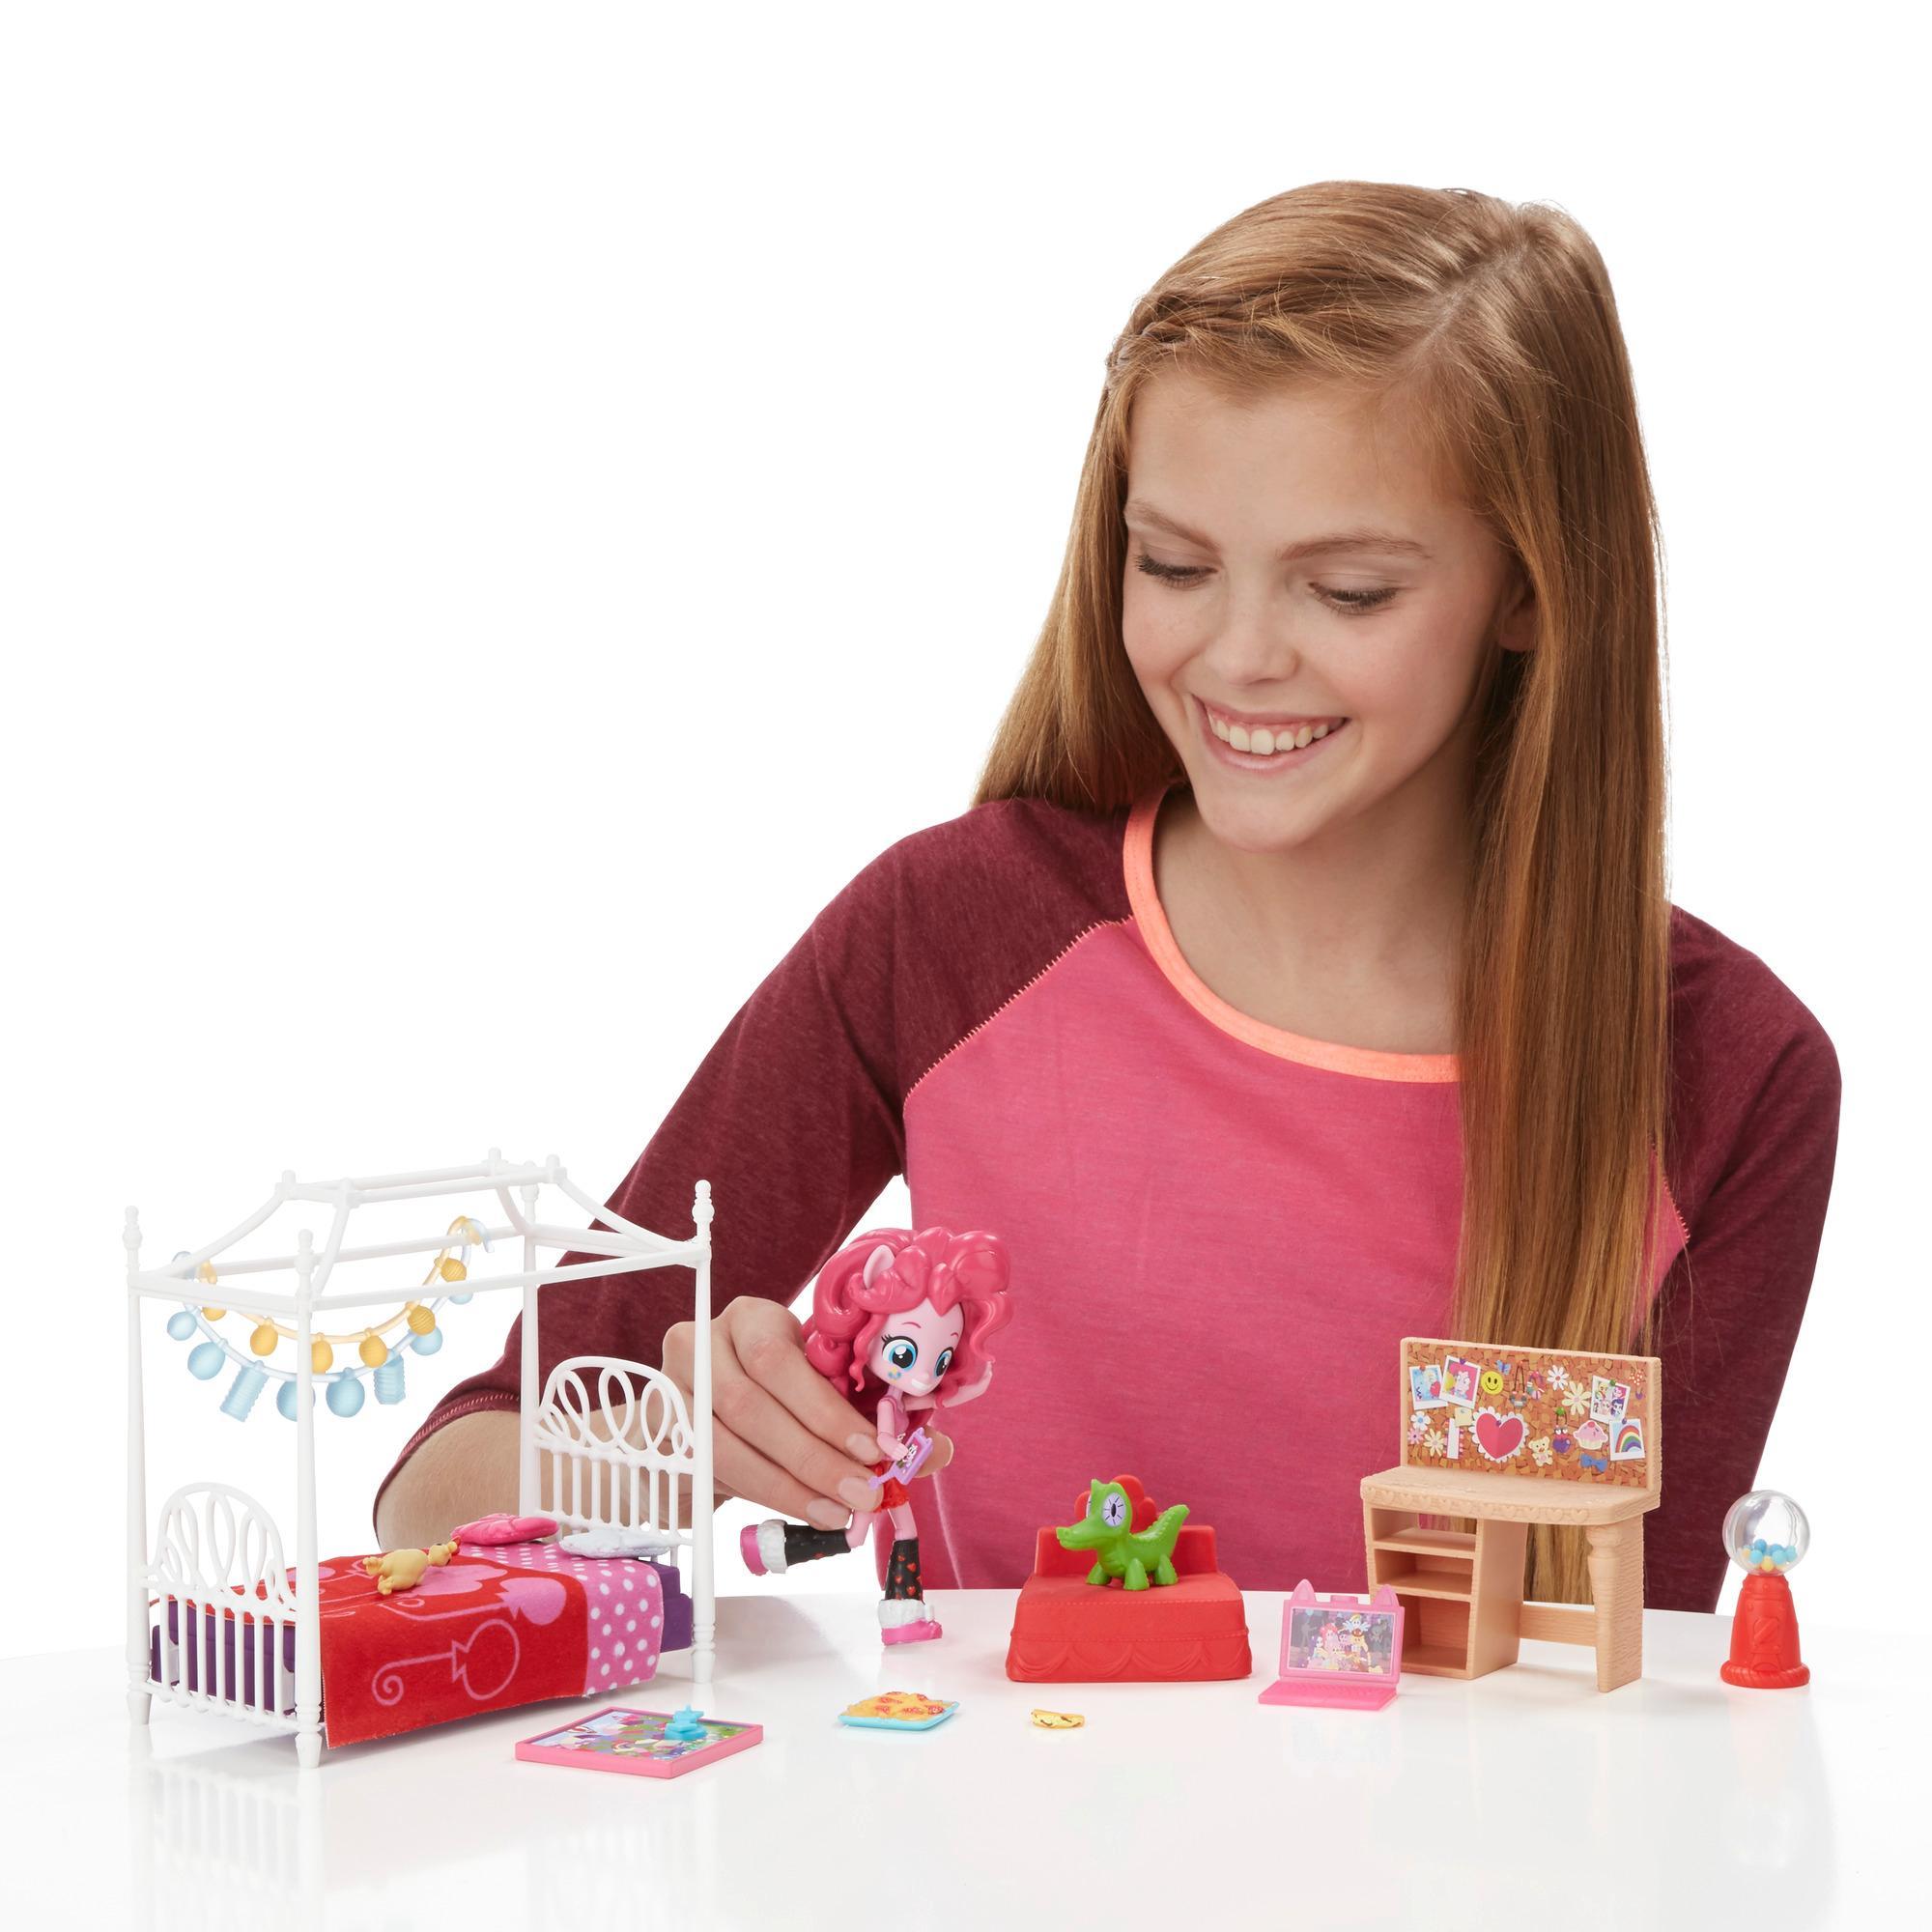 My Little Pony My Little Pony Equestria Girls Minis Pinkie Pie